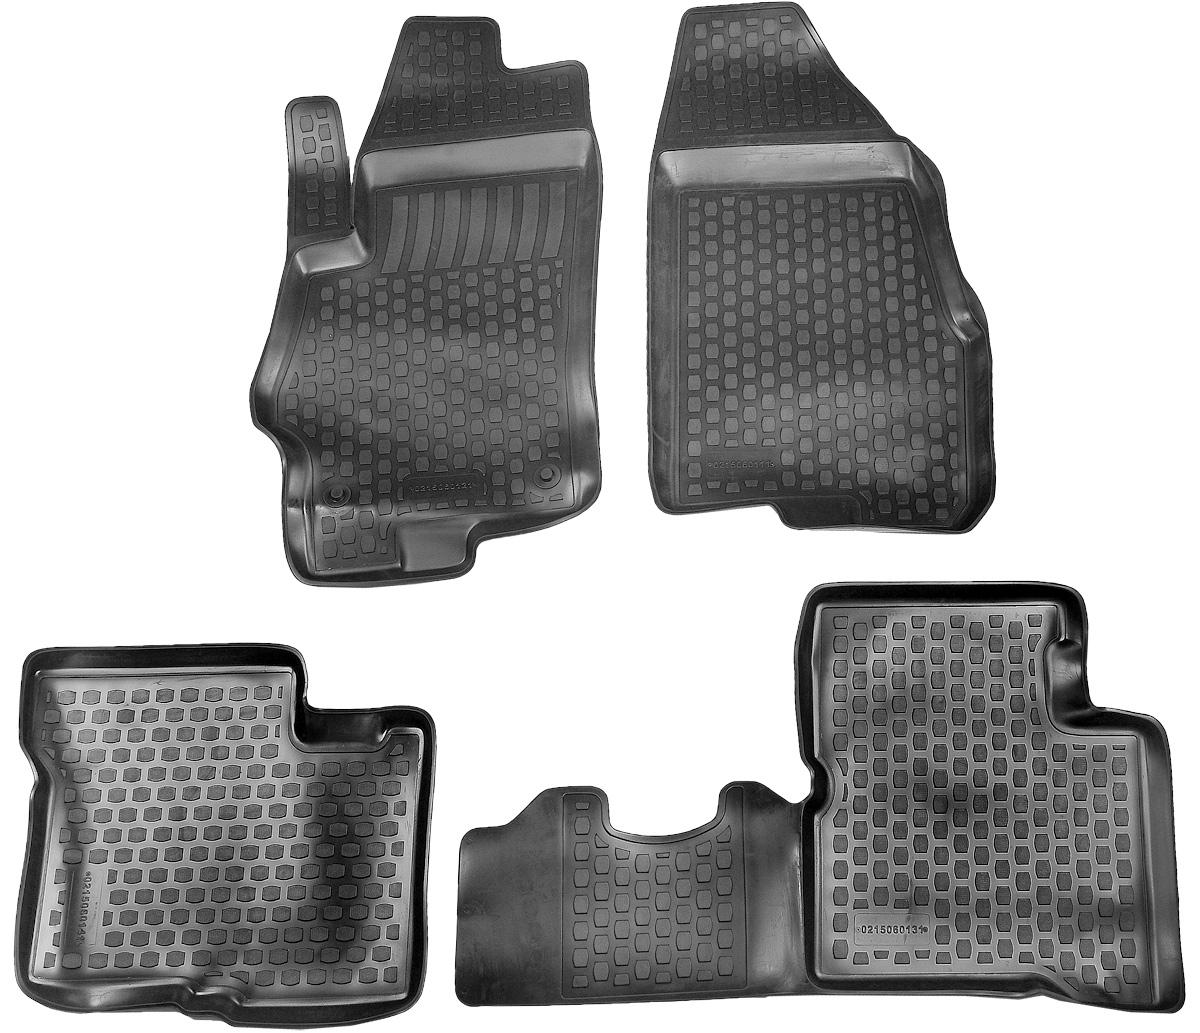 Коврик в салон автомобиля L.Locker, для SsangYong (13-), 4 шт0220030101Коврики L.Locker производятся индивидуально для каждой модели автомобиля из современного и экологически чистого материала. Изделия точно повторяют геометрию пола автомобиля, имеют высокий борт, обладают повышенной износоустойчивостью, антискользящими свойствами, лишены резкого запаха и сохраняют свои потребительские свойства в широком диапазоне температур (от -50°С до +80°С). Рисунок ковриков специально спроектирован для уменьшения скольжения ног водителя и имеет достаточную глубину, препятствующую свободному перемещению жидкости и грязи на поверхности. Одновременно с этим рисунок не создает дискомфорта при вождении автомобиля. Водительский ковер с предустановленными креплениями фиксируется на штатные места в полу салона автомобиля. Новая технология системы креплений герметична, не дает влаге и грязи проникать внутрь через крепеж на обшивку пола.